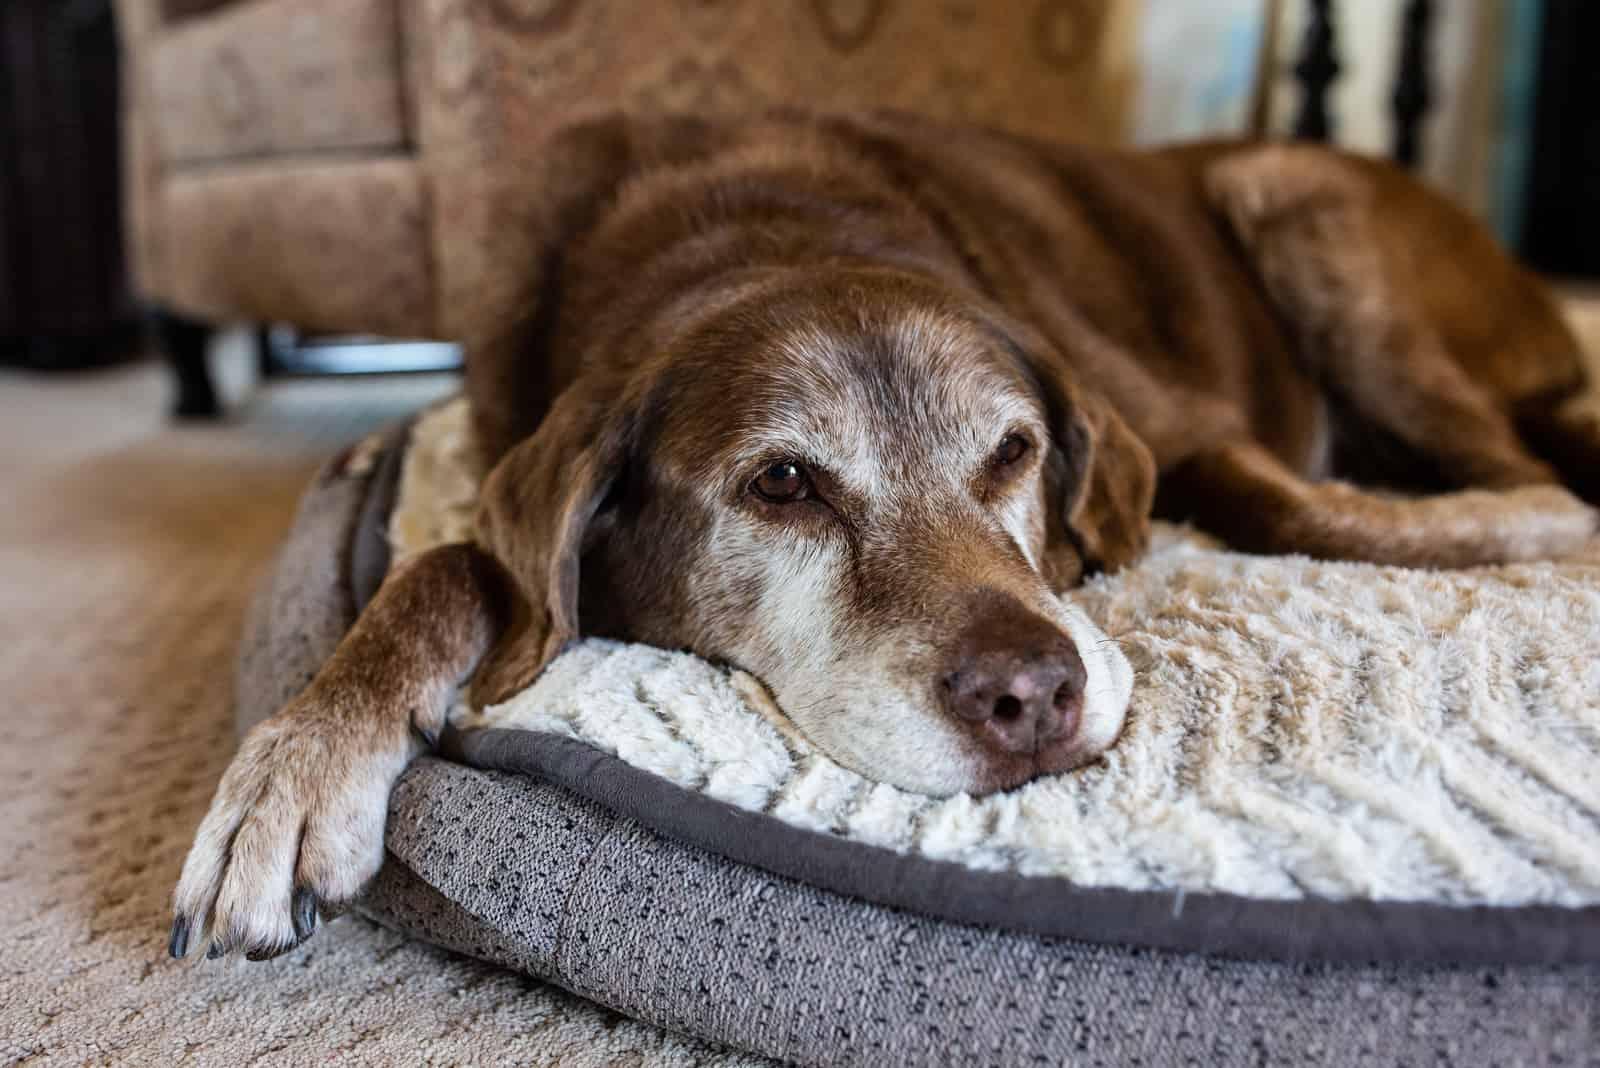 ein müder alter Hund, der auf seiner Matte liegt